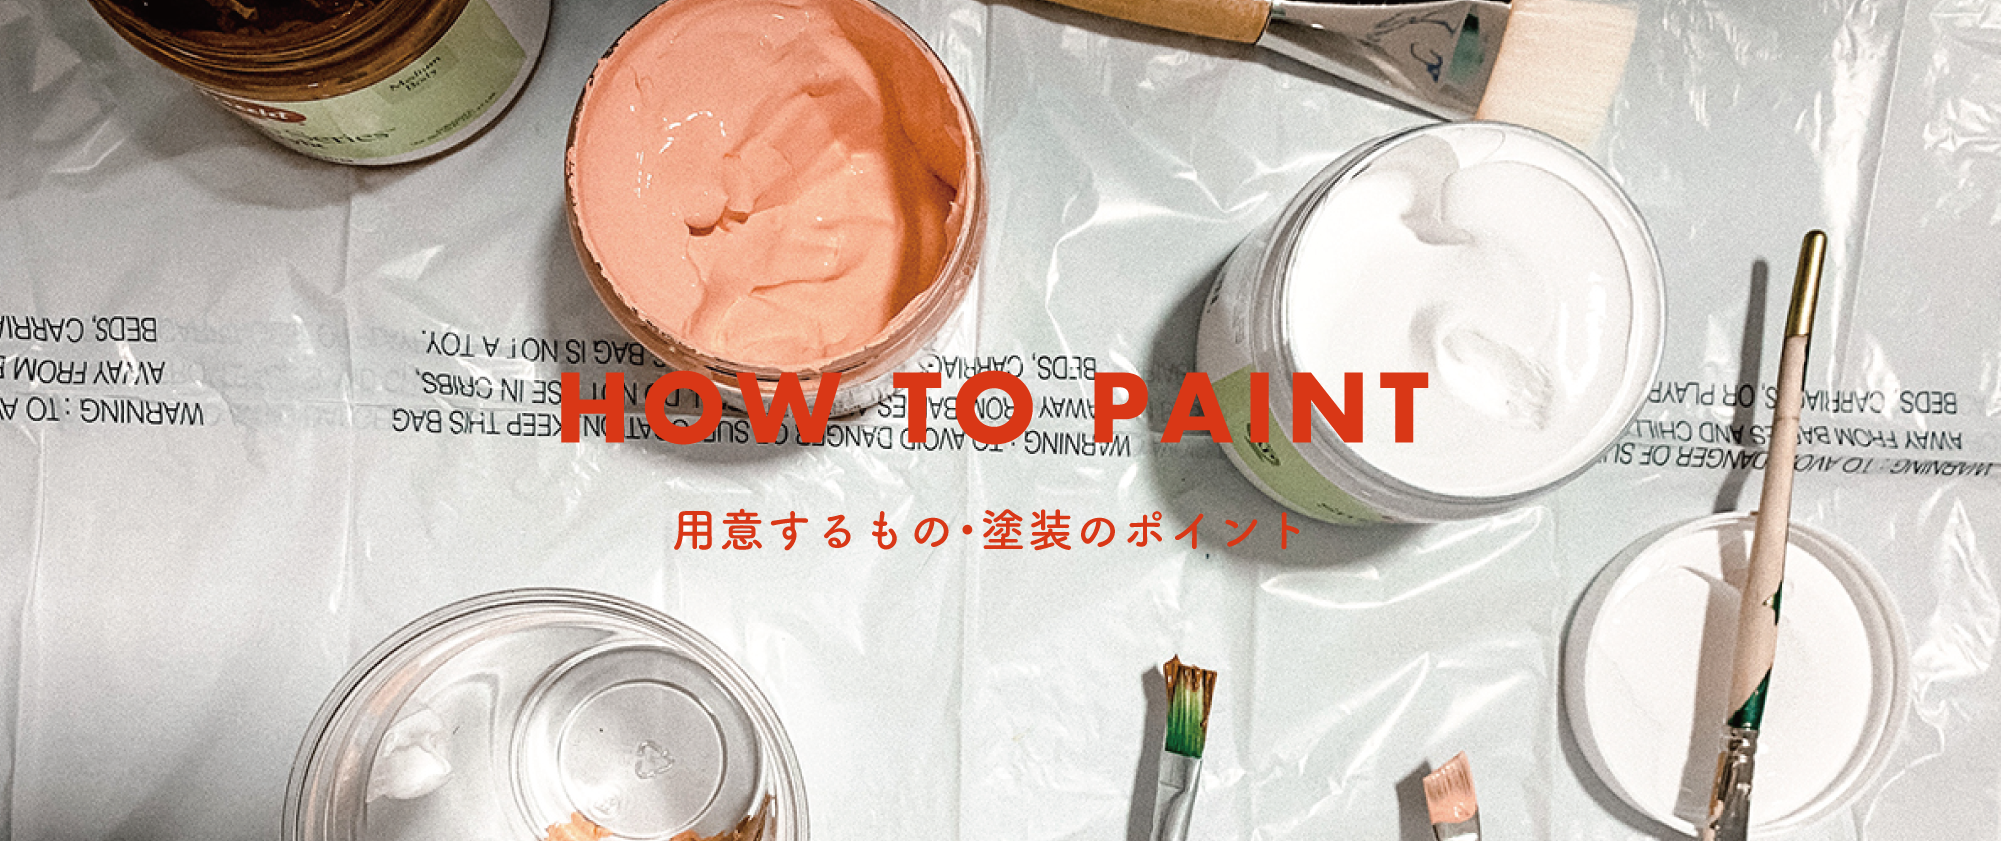 HOW TO PAINT(ペンキを塗る時の準備と塗り方をご紹介)